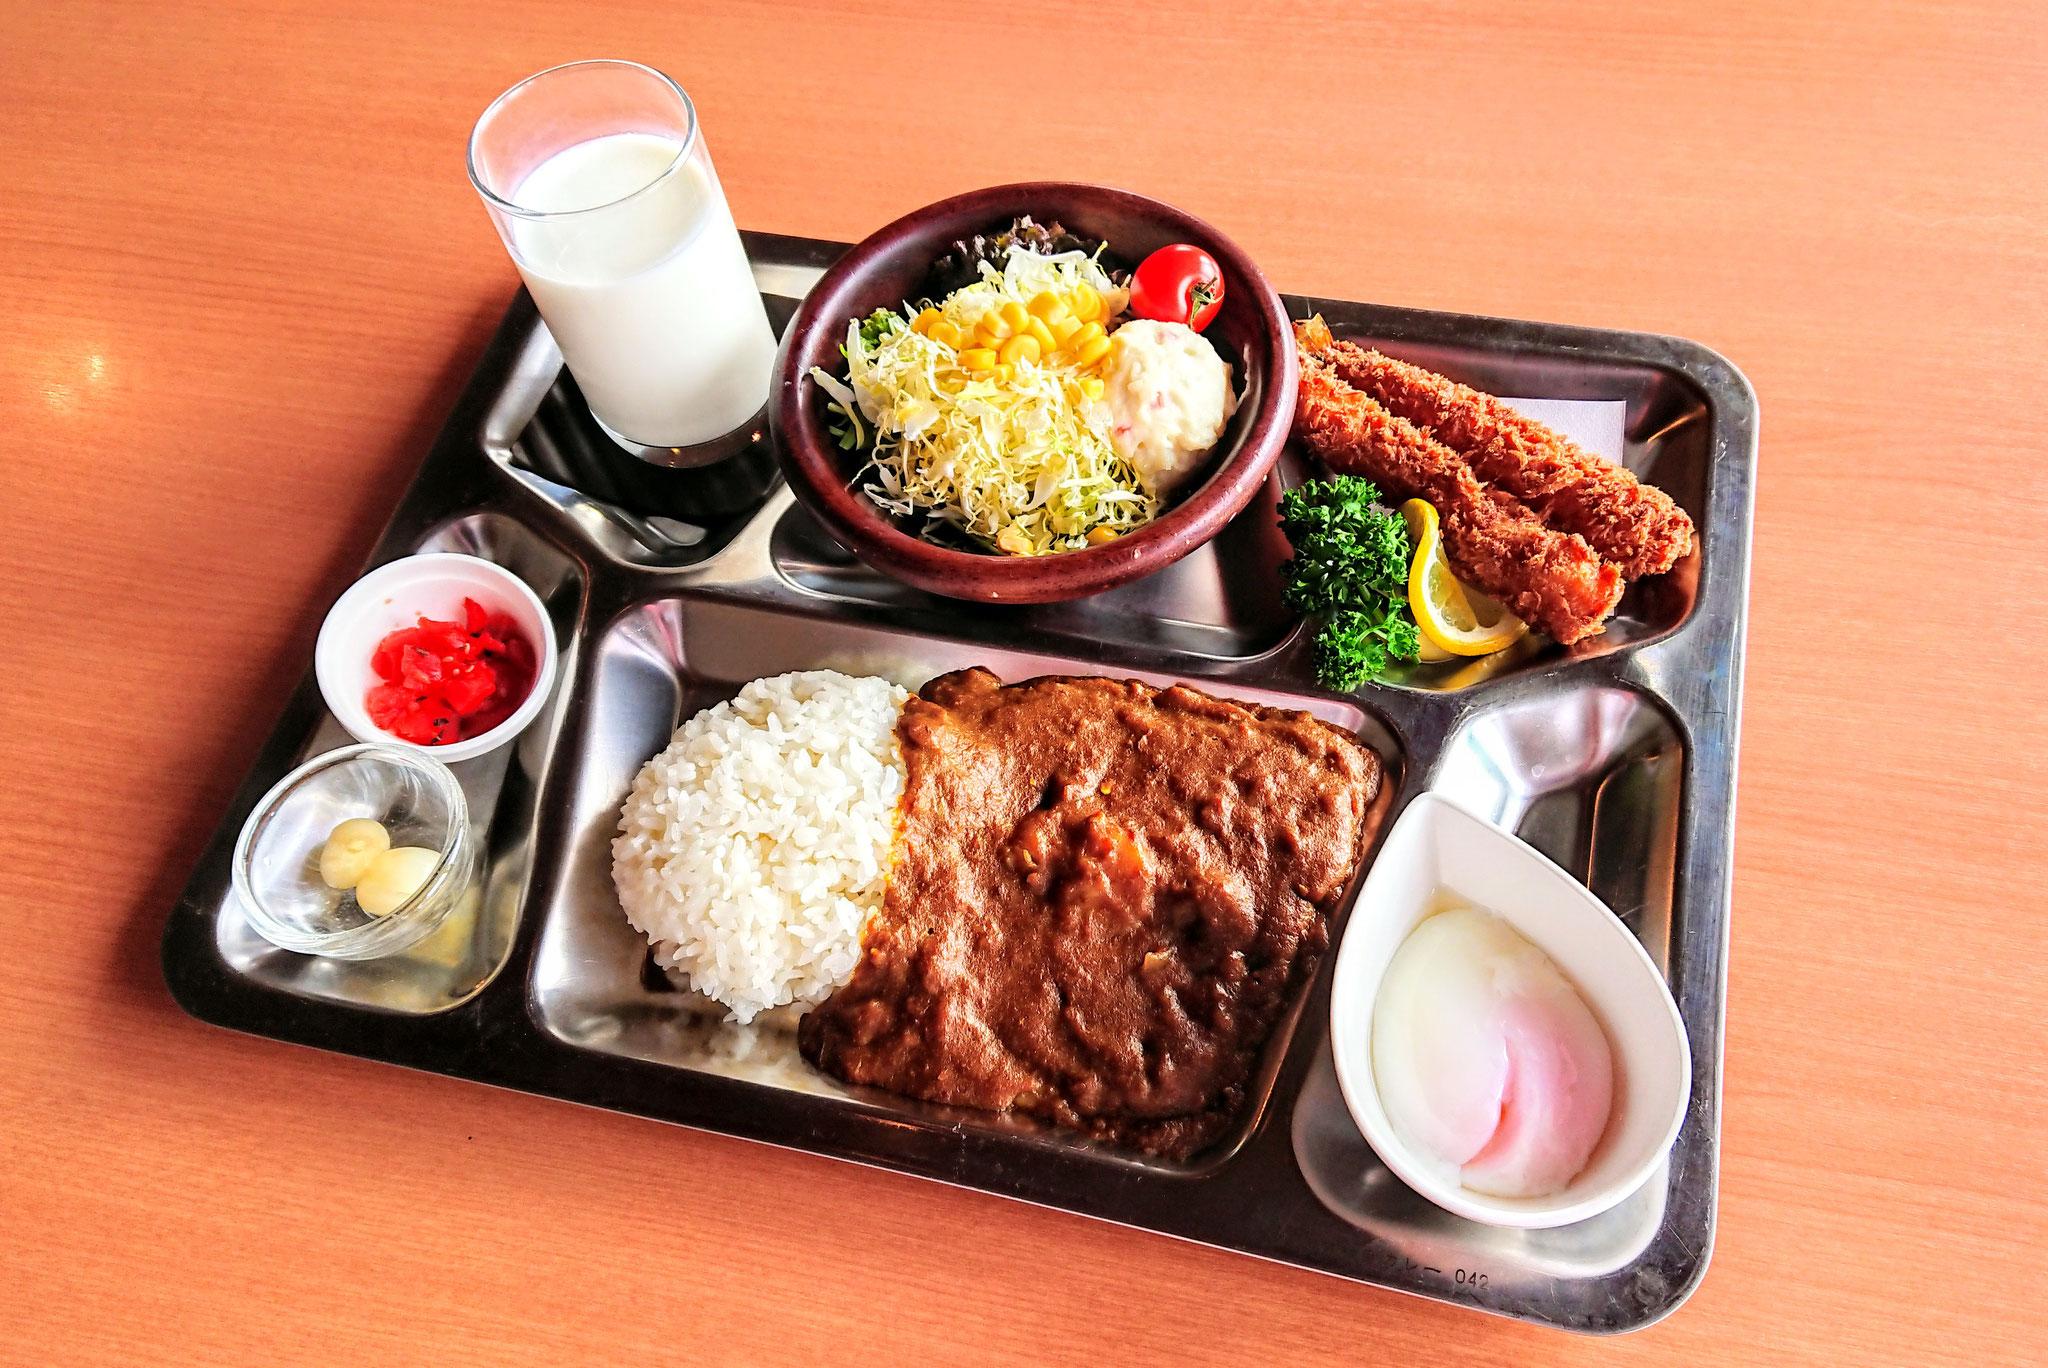 「護衛艦おおよど」認定 大湊海自カレー ¥1,200 粗くすりおろした香味野菜の香りと独特な舌触りが楽しめる大人のビーフカレーです